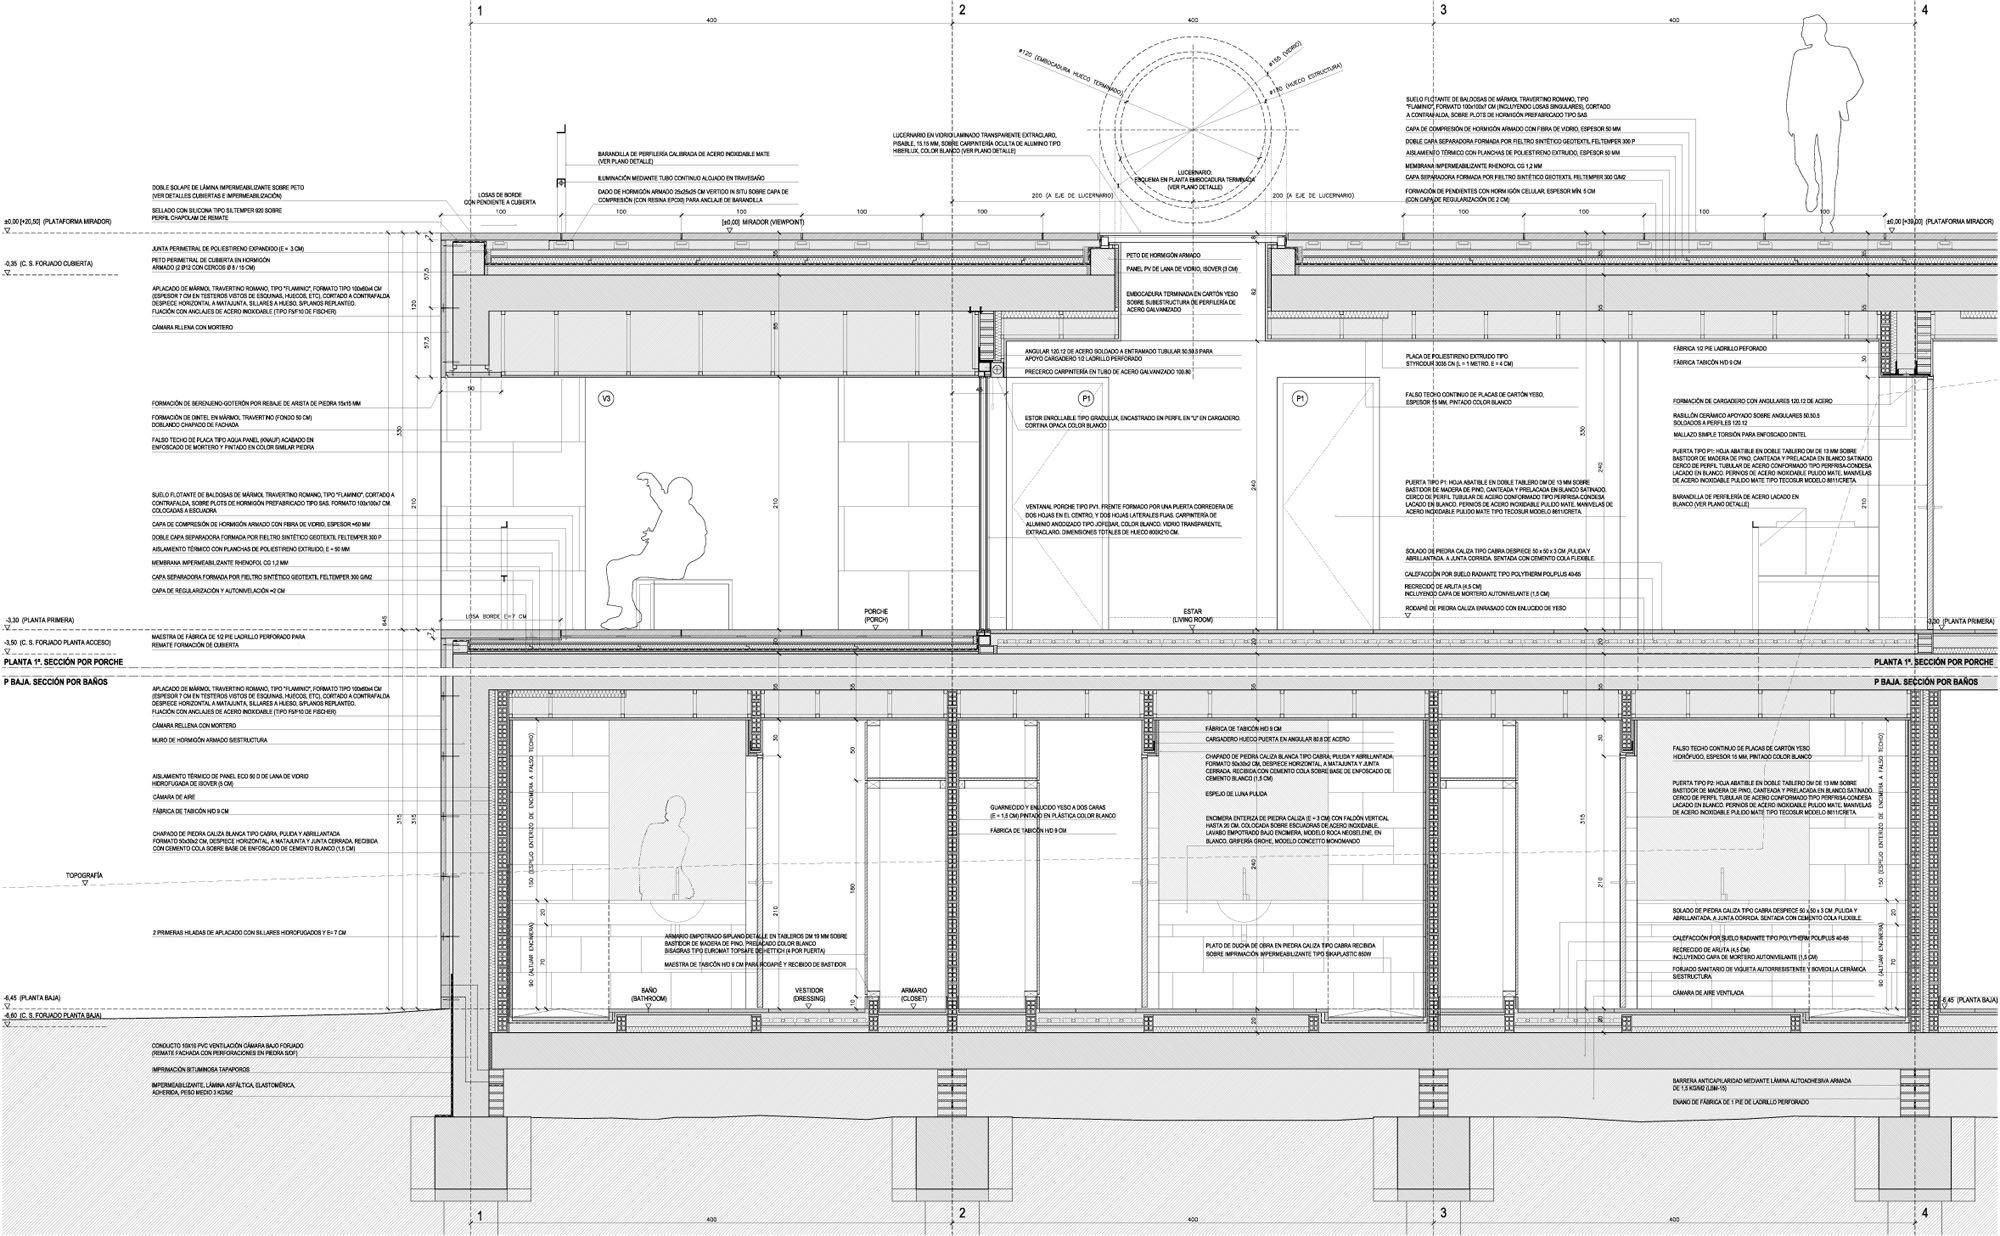 Oberlicht schnitt  House of the Infinite in Cádiz | Flachdach | Wohnen | Baunetz_Wissen